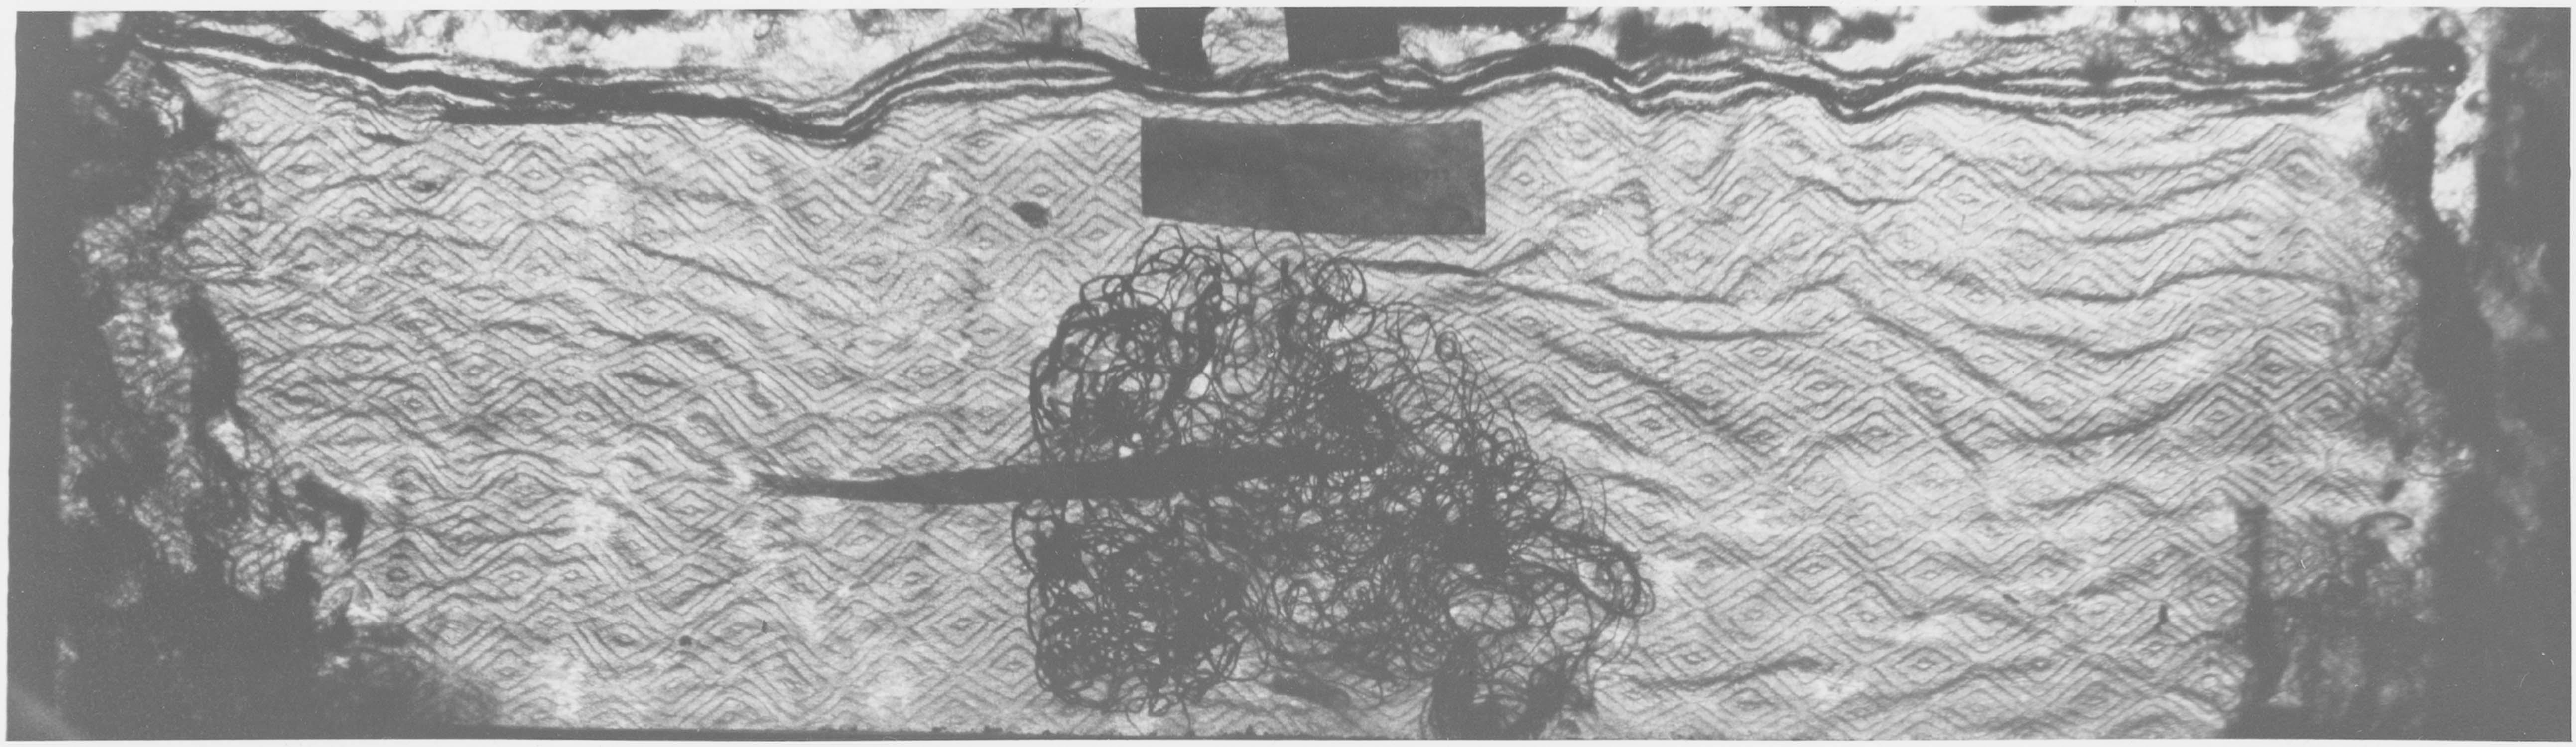 Pièces de tissu ayant enveloppé la relique de saint Lupin, chanoine de saint Nazaire